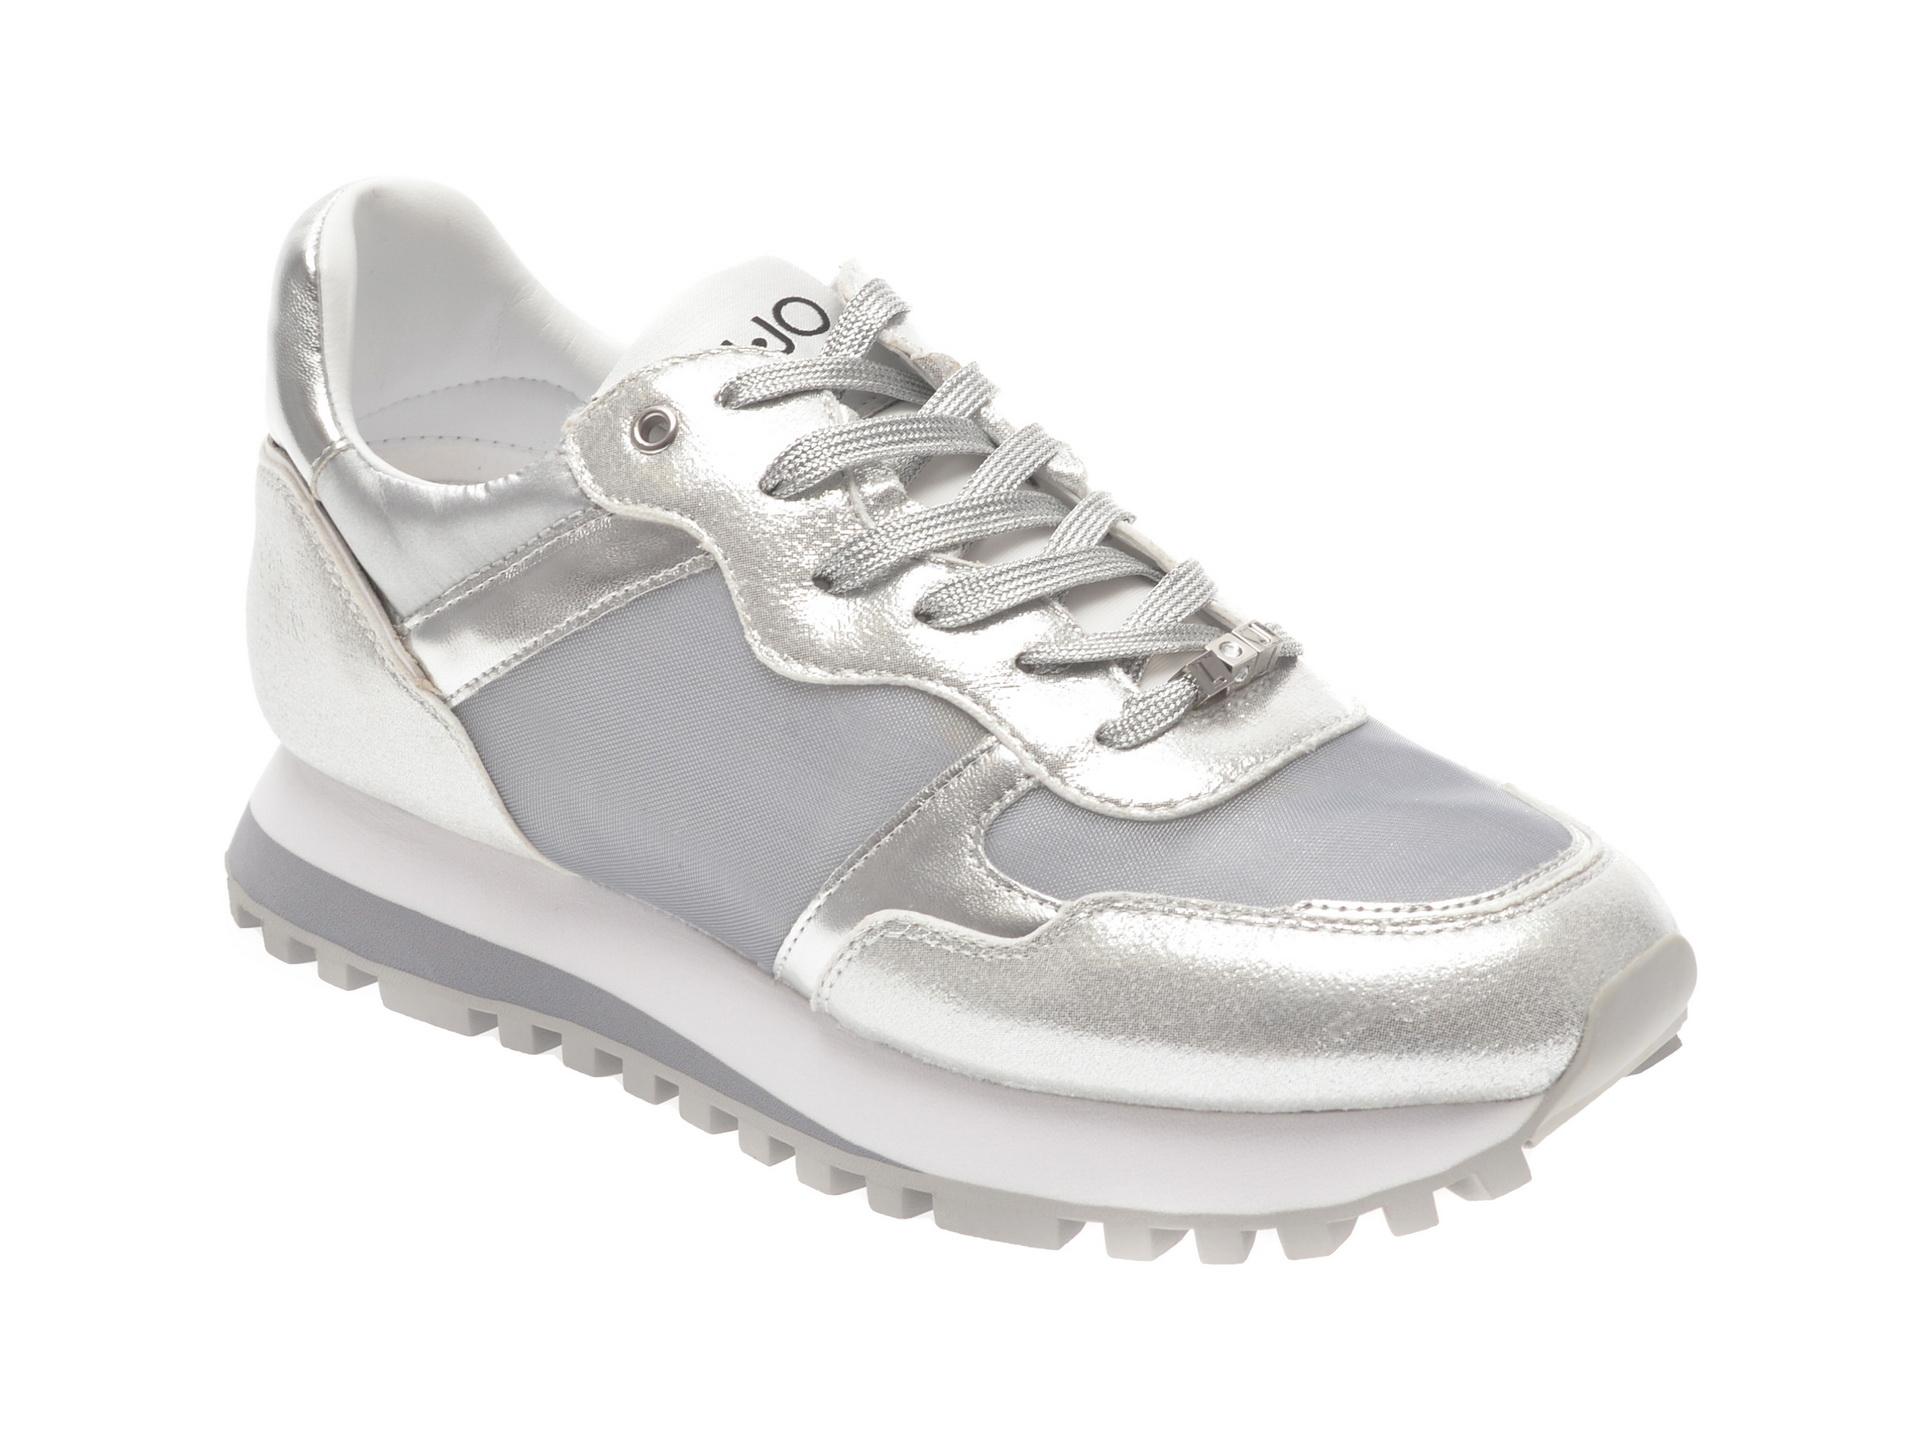 Pantofi sport LIU JO argintii, WONDER, din material textil si piele ecologica